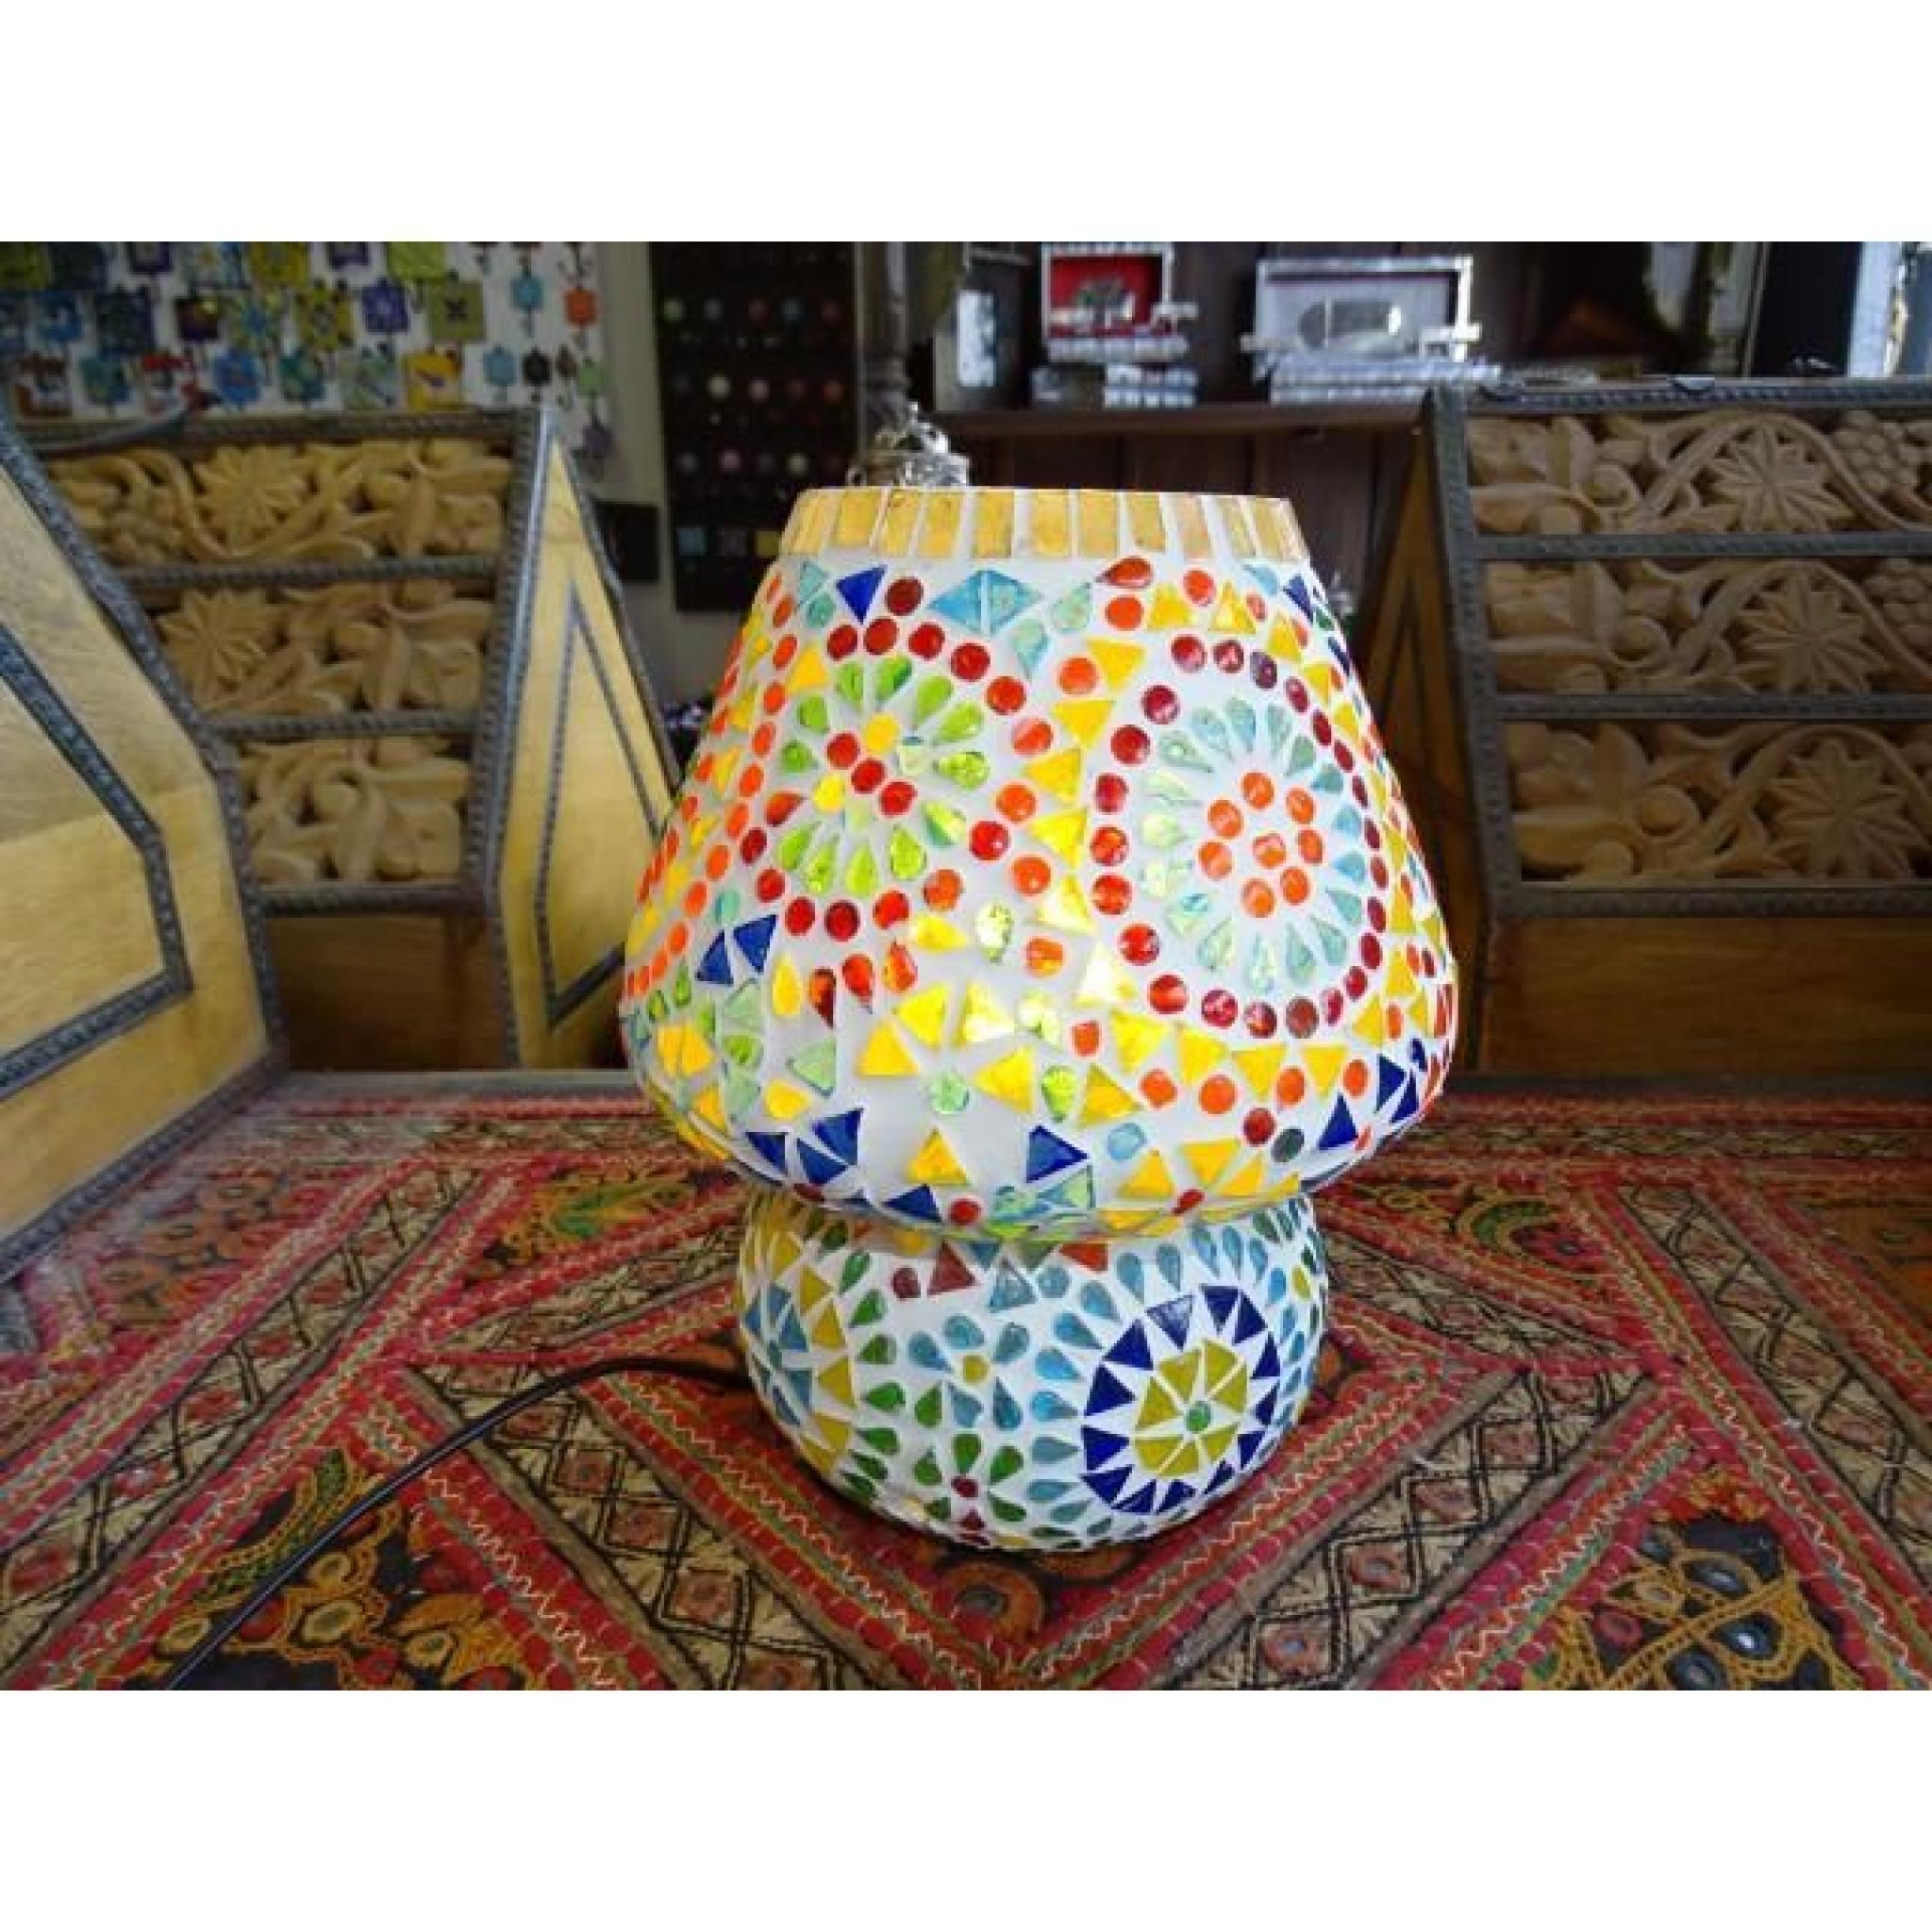 Mosaique Lampe Mosaique Ronde Multicolor Multicolor Lampe Petite Lampe Petite Ronde Petite tCsrhdQ